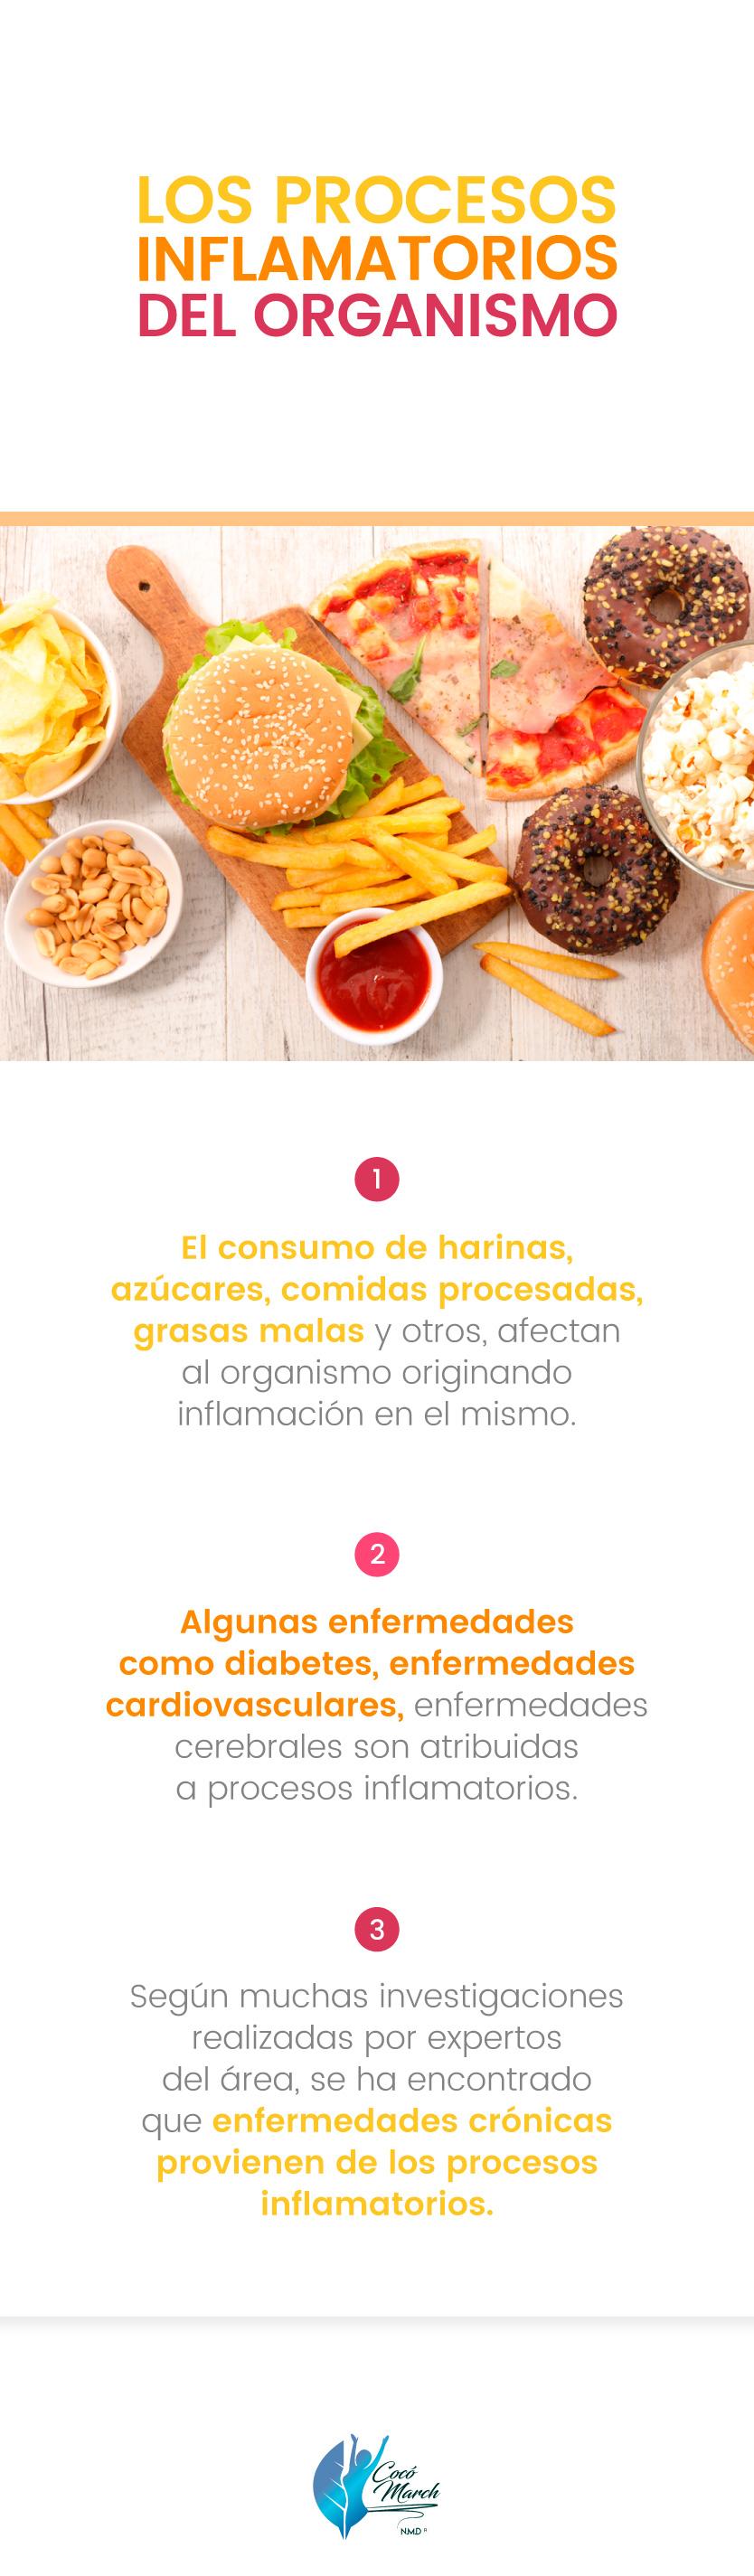 procesos-inflamatorios-del-organismo